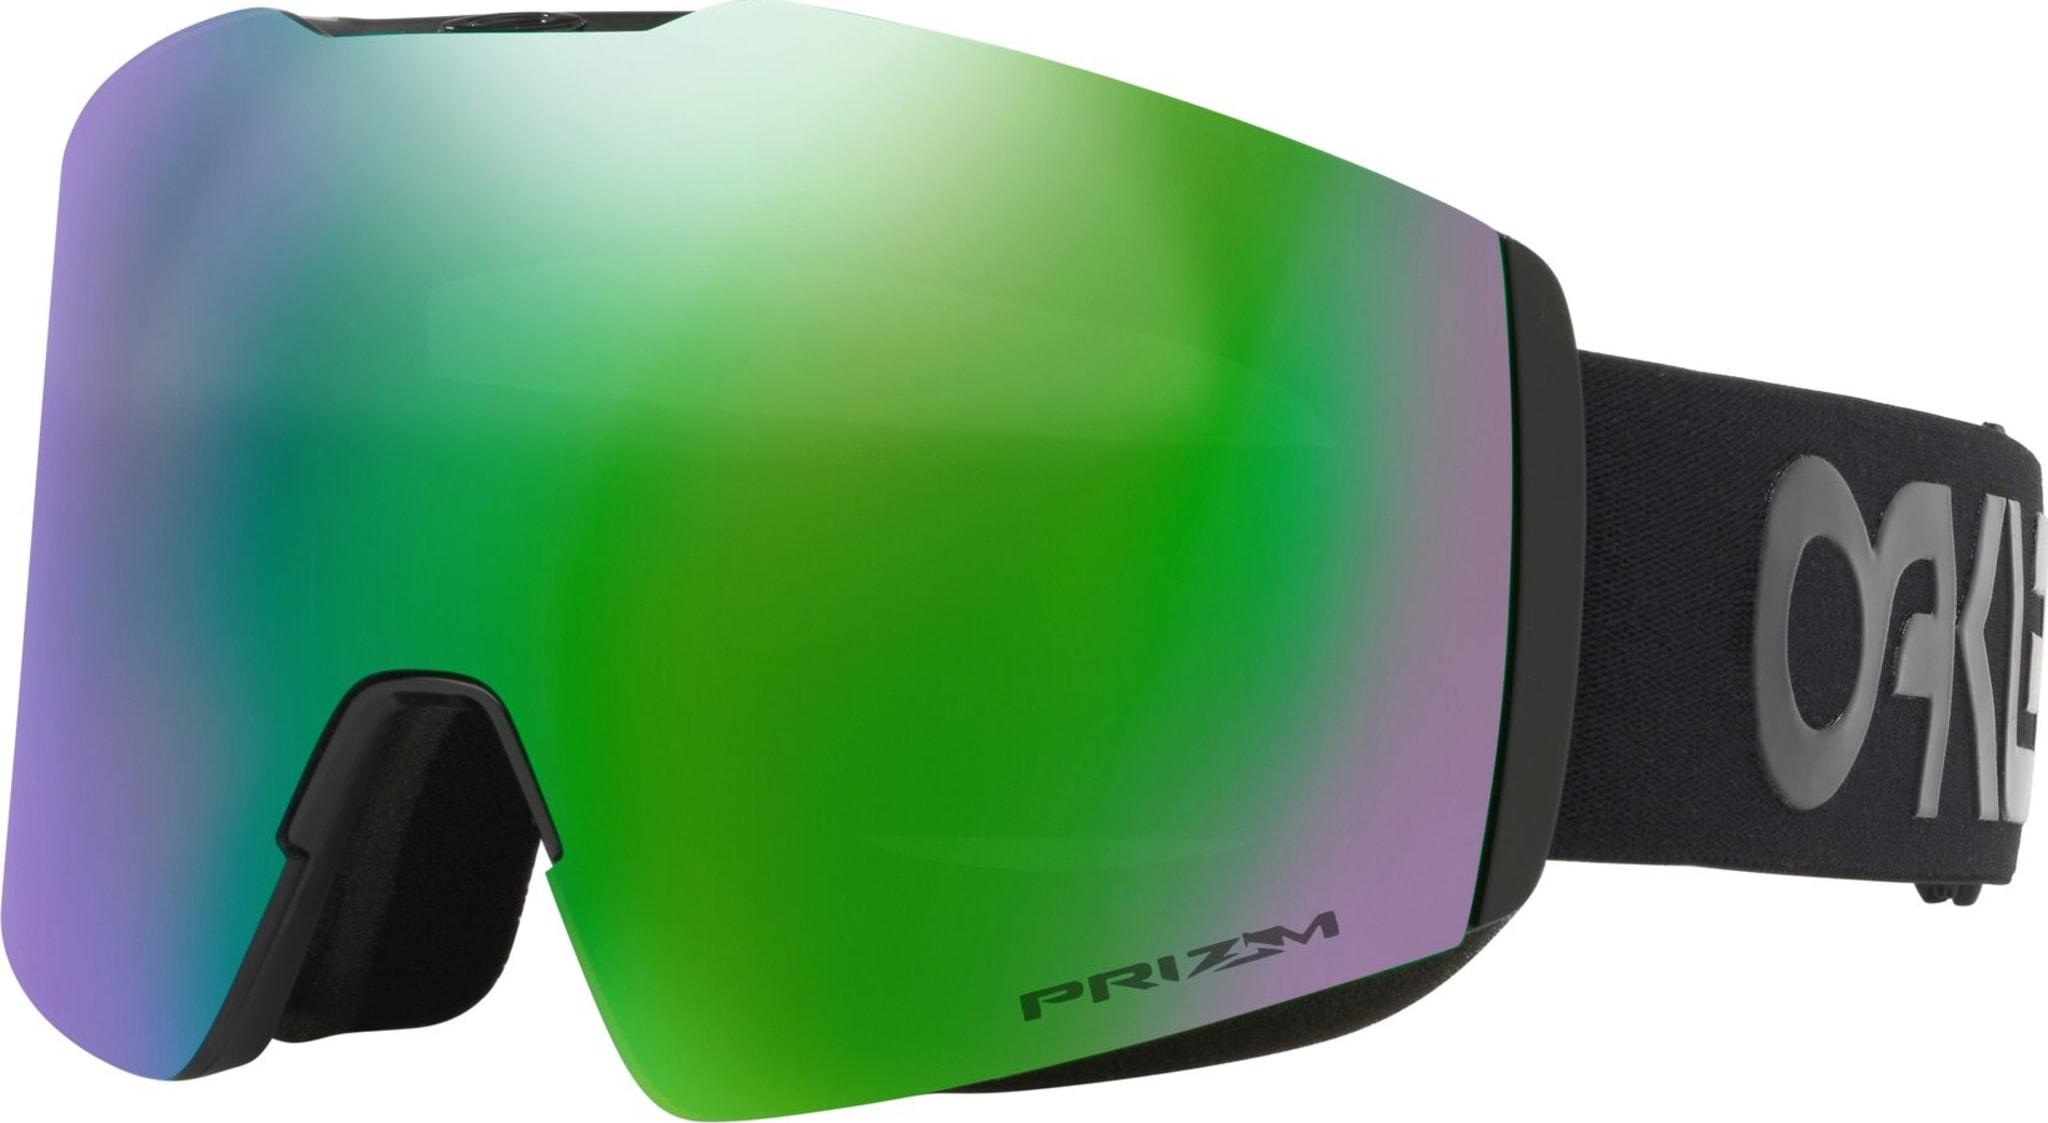 Store skibriller med svært godt utsyn og retro-utseende